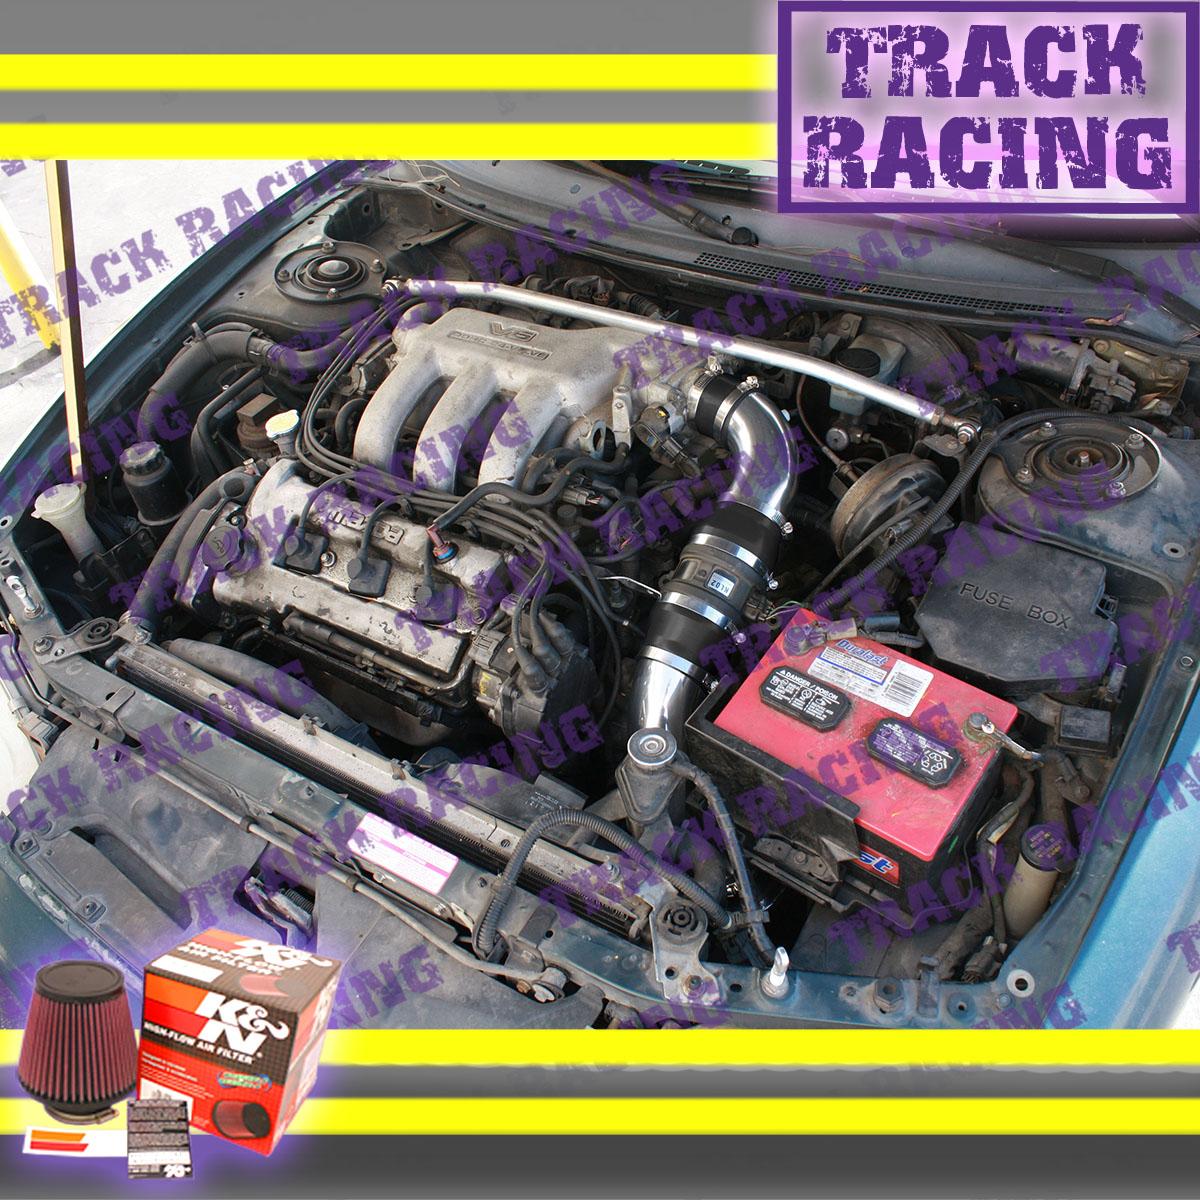 93 94 95 96 97 FORD PROBE GT MAZDA MX6 626 MX-6 2.5L V6 AIR INTAKE KIT Black Red